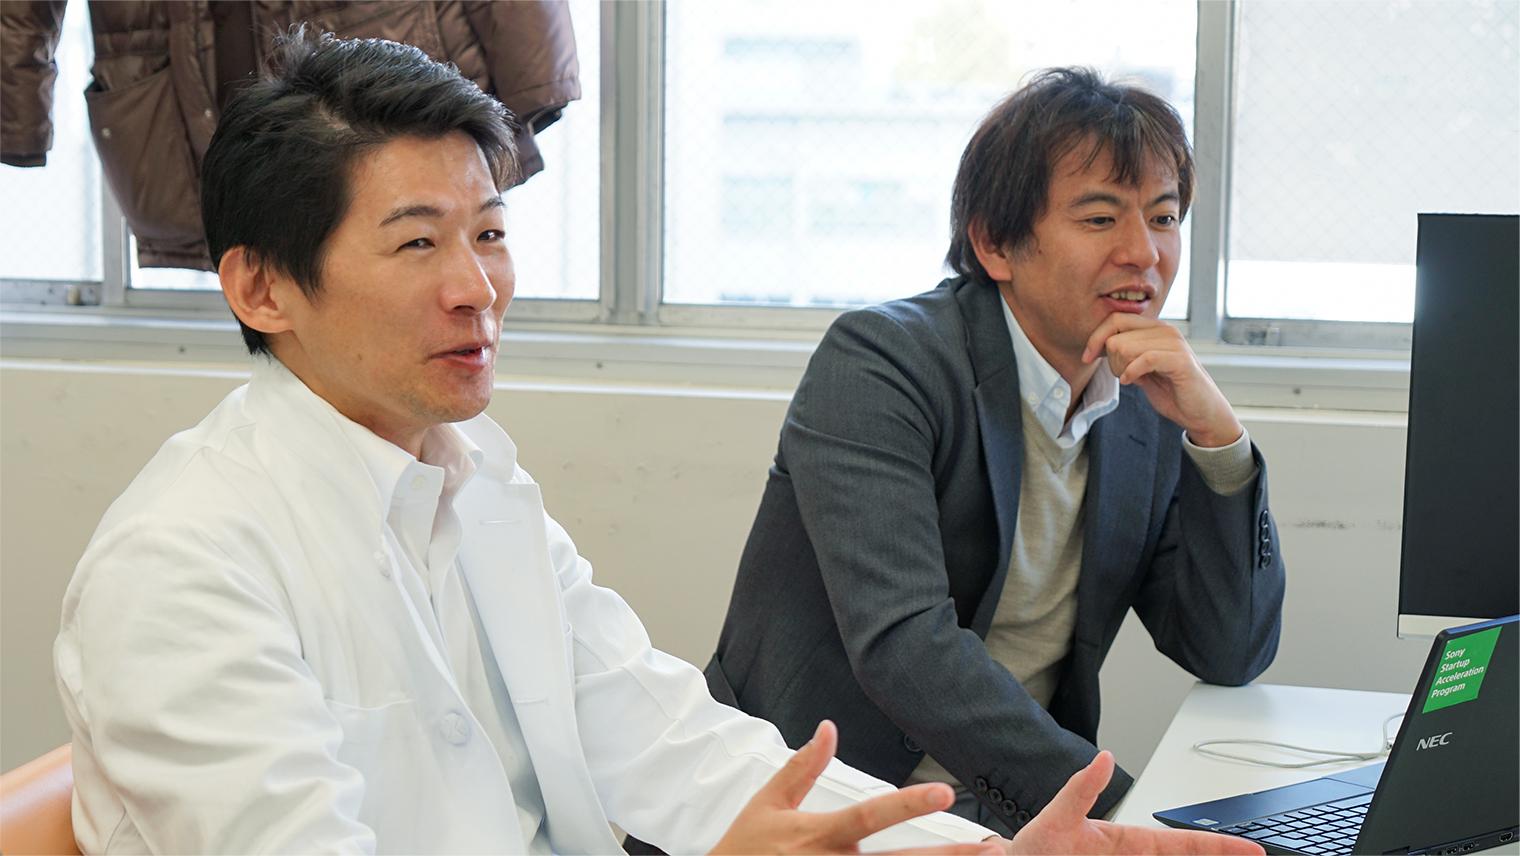 株式会社グレースイメージング 代表取締役CEOの中島大輔さんと取締役COOの林田大造さん